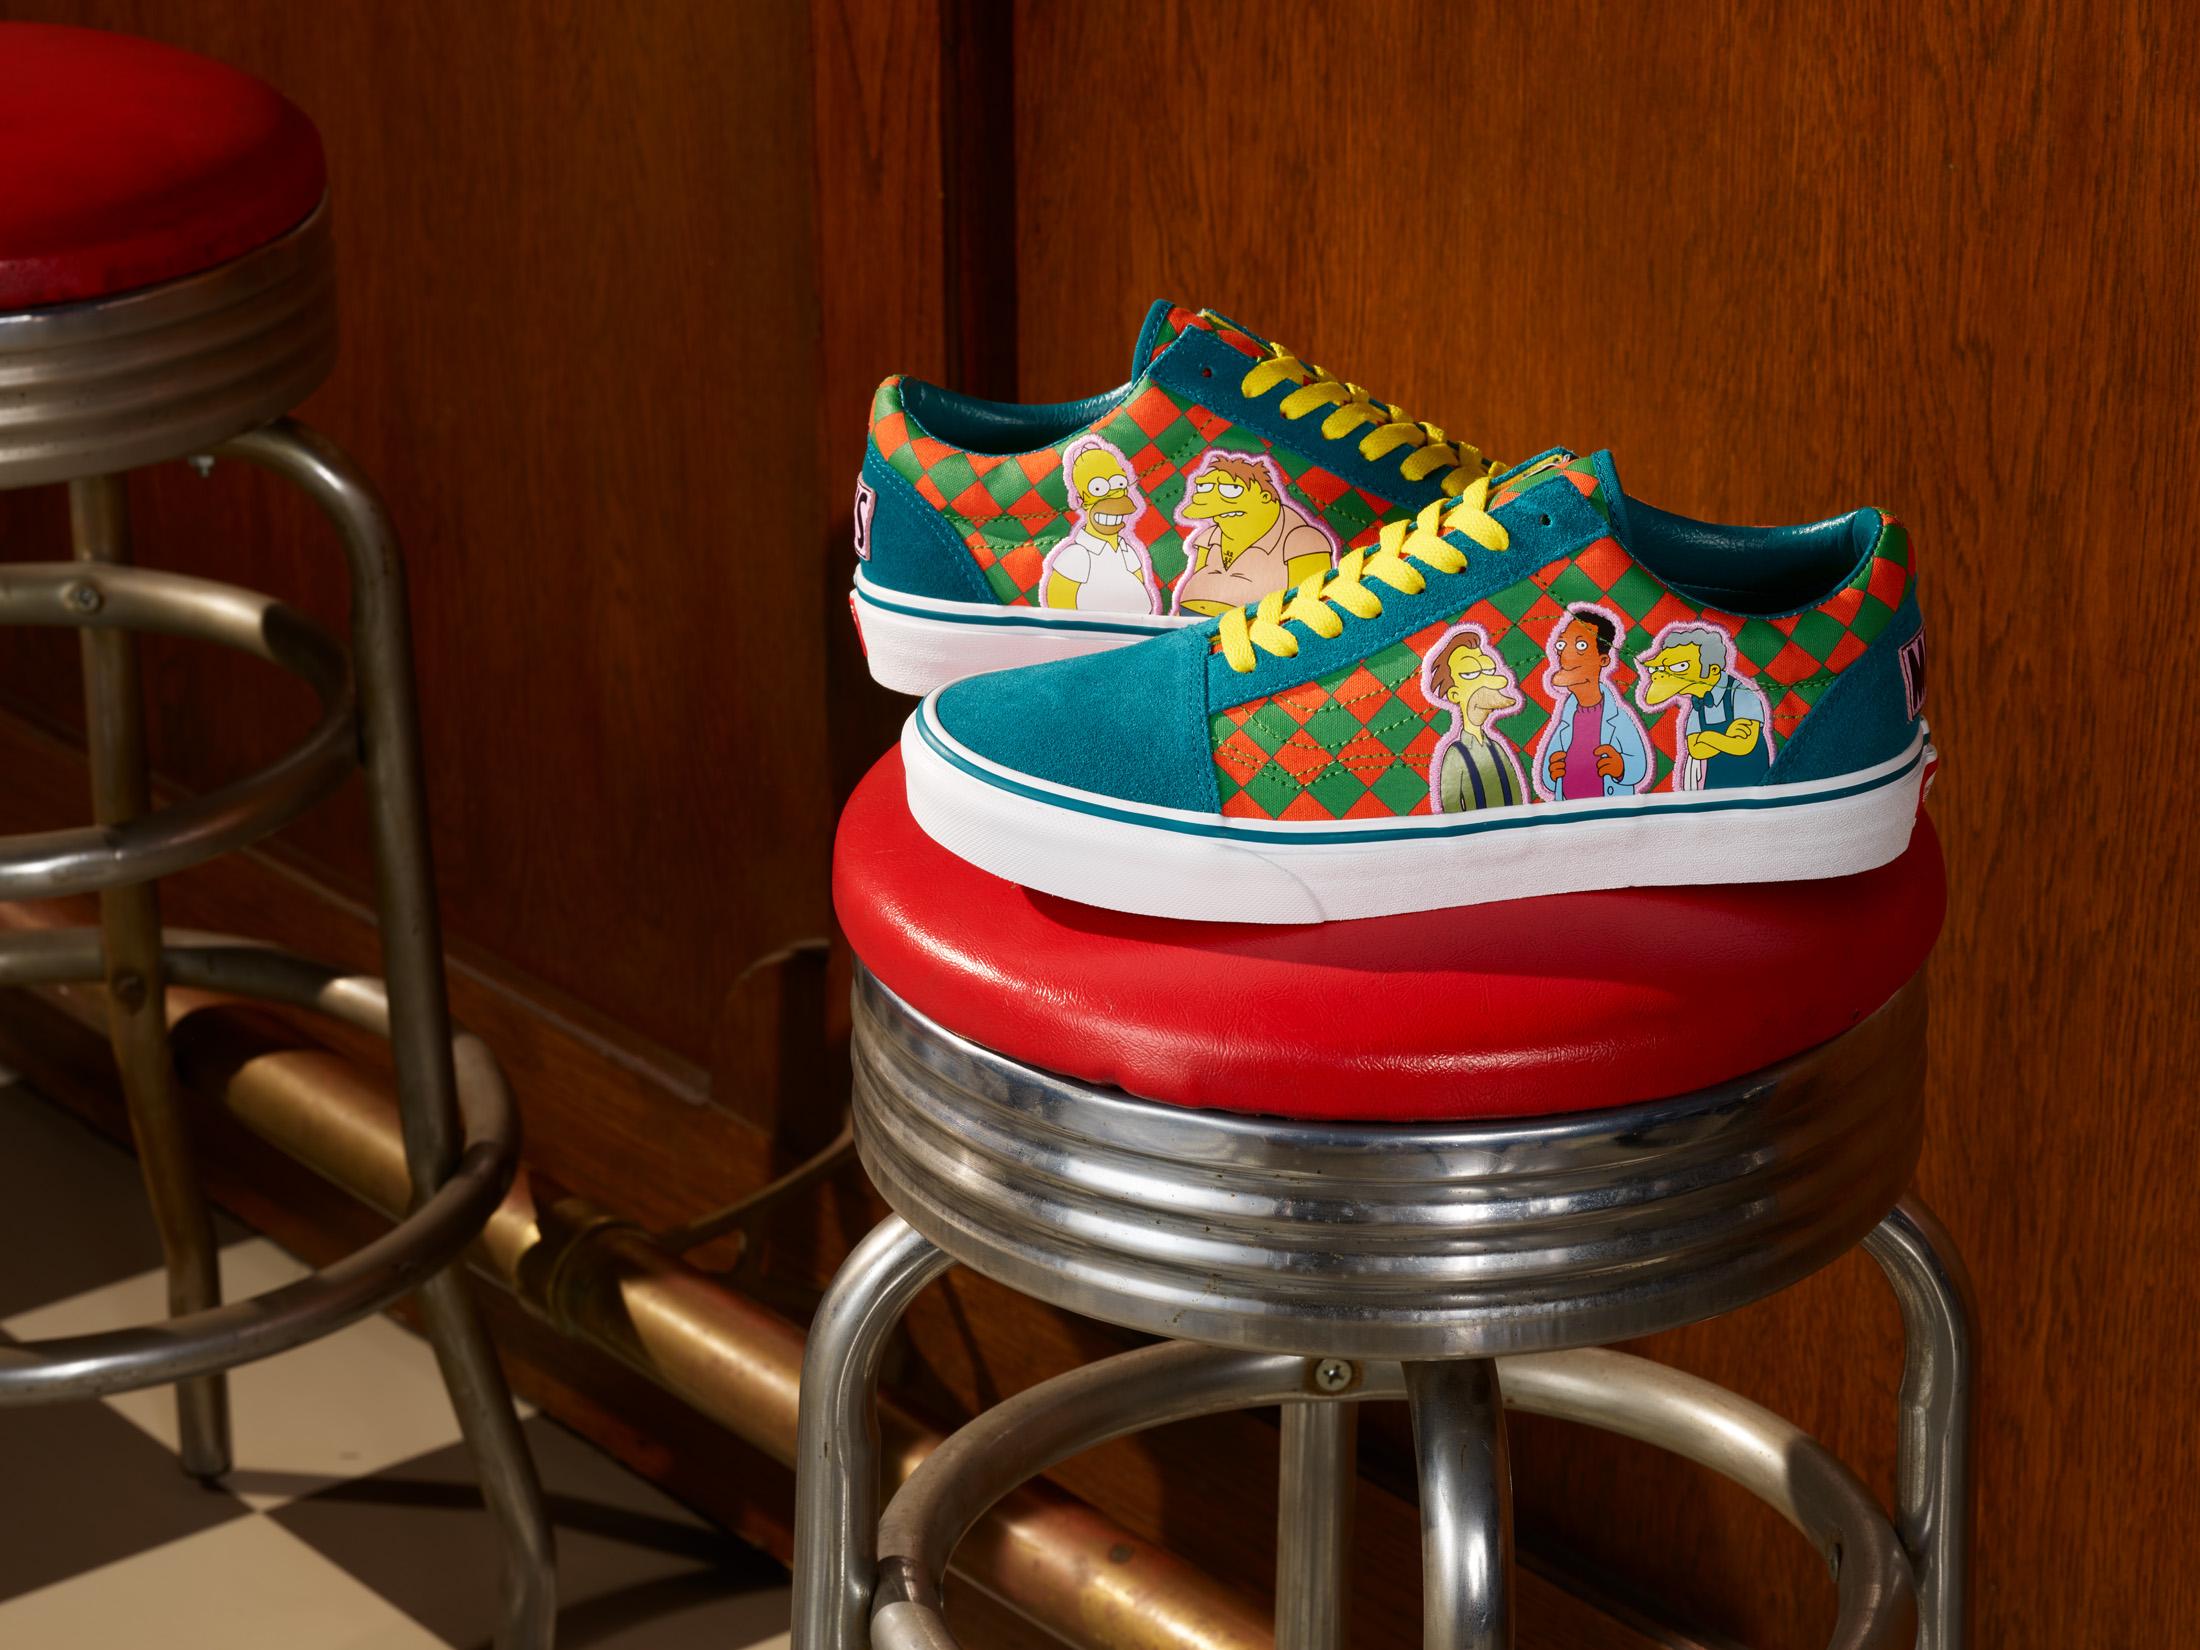 Vans x Simpsons es la nueva colección de ropa, calzado y accesorios que celebran a la familia Simpson.